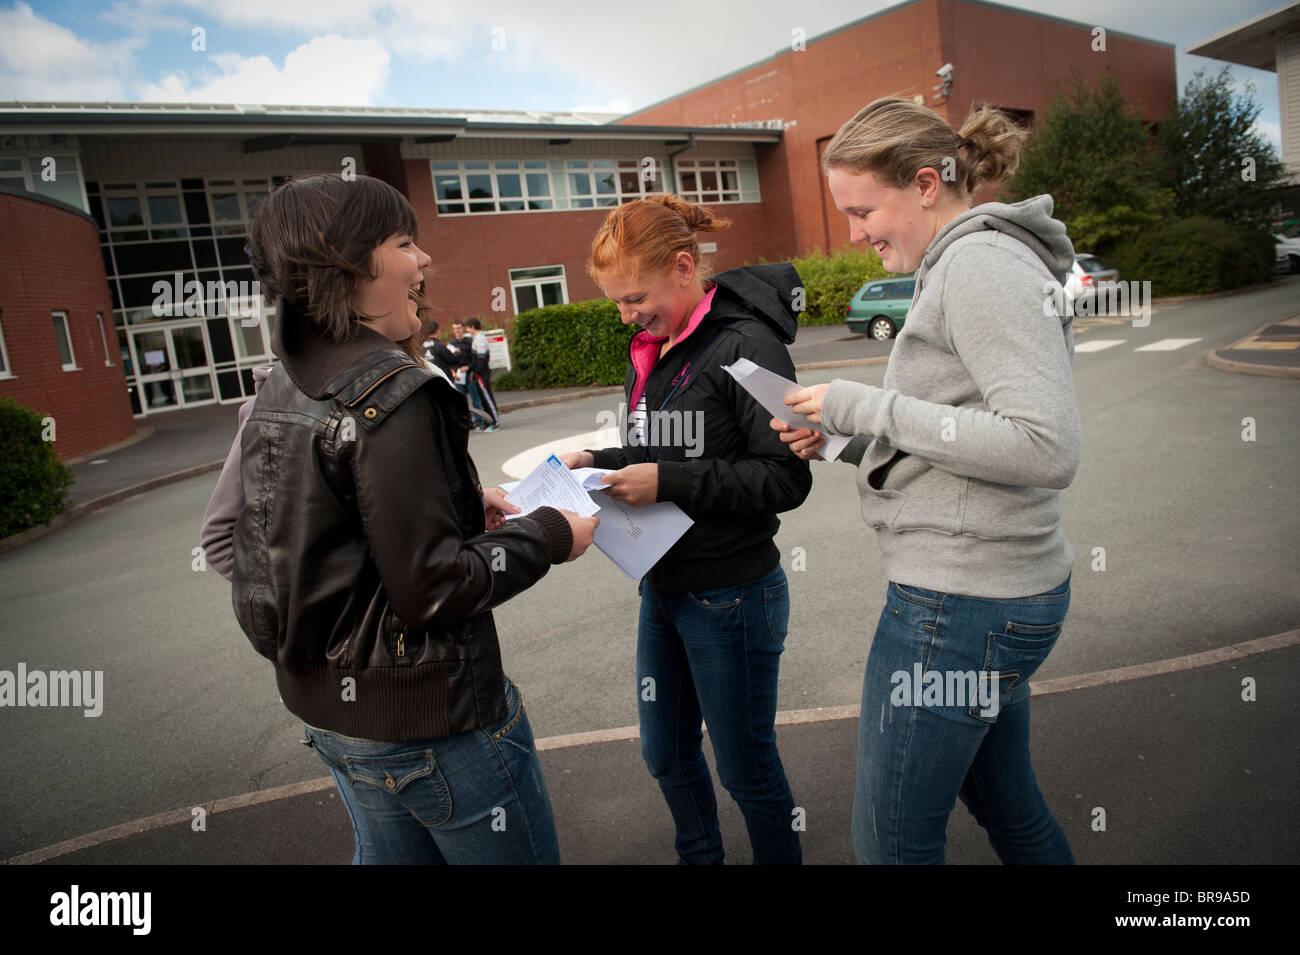 drei 16-jährige Jahr 8 Schulkinder erhalten ihre GCSE-Prüfungsergebnisse, Wales UK Stockbild